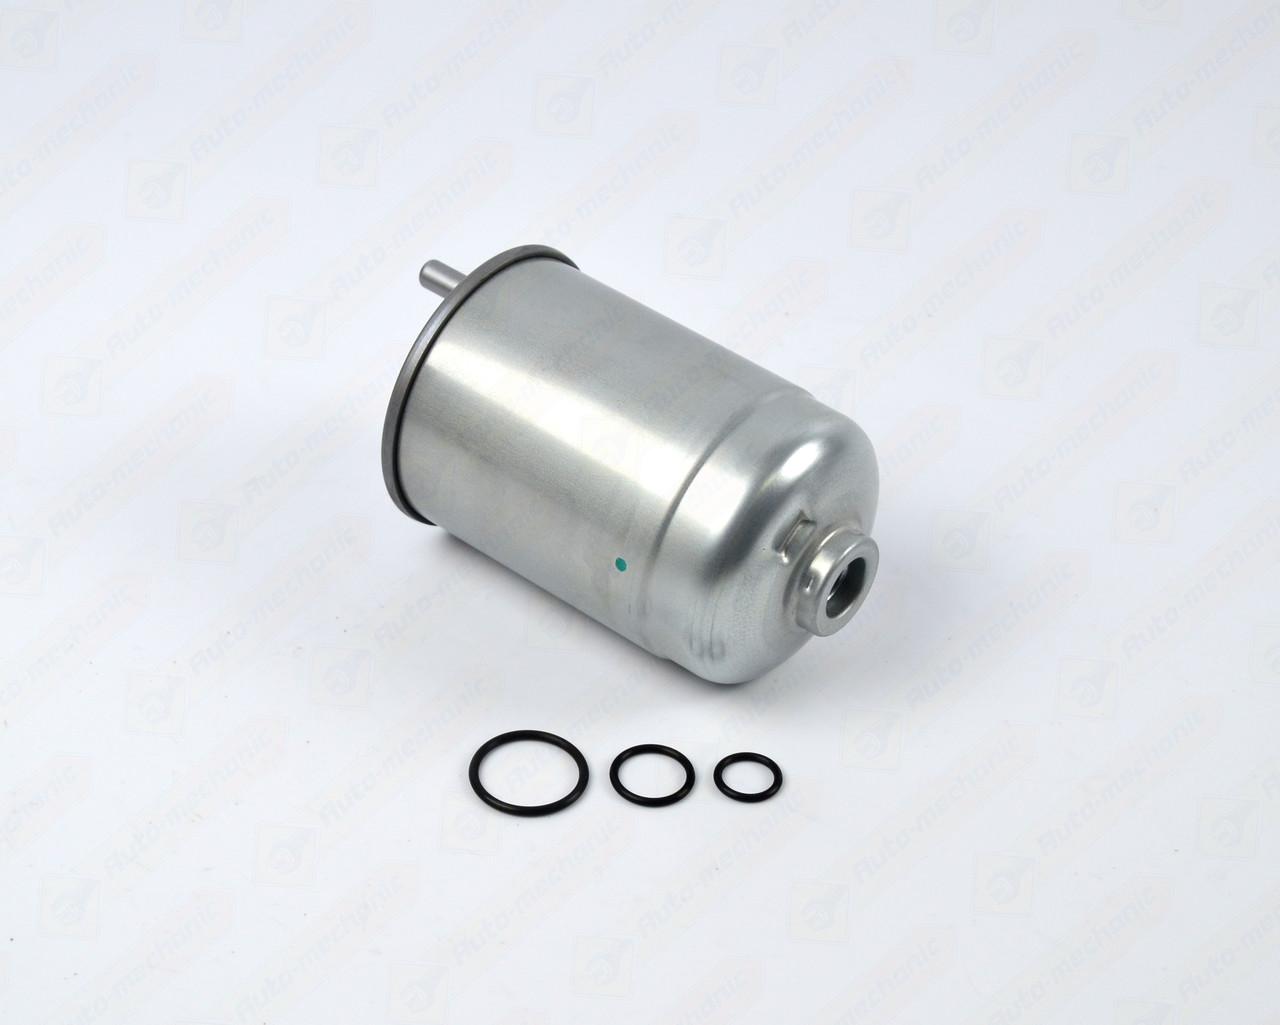 Фільтр паливний на Renault Fluence 1.5 dCi+2.0 dCi - Renault (Оригінал) - 164009384R